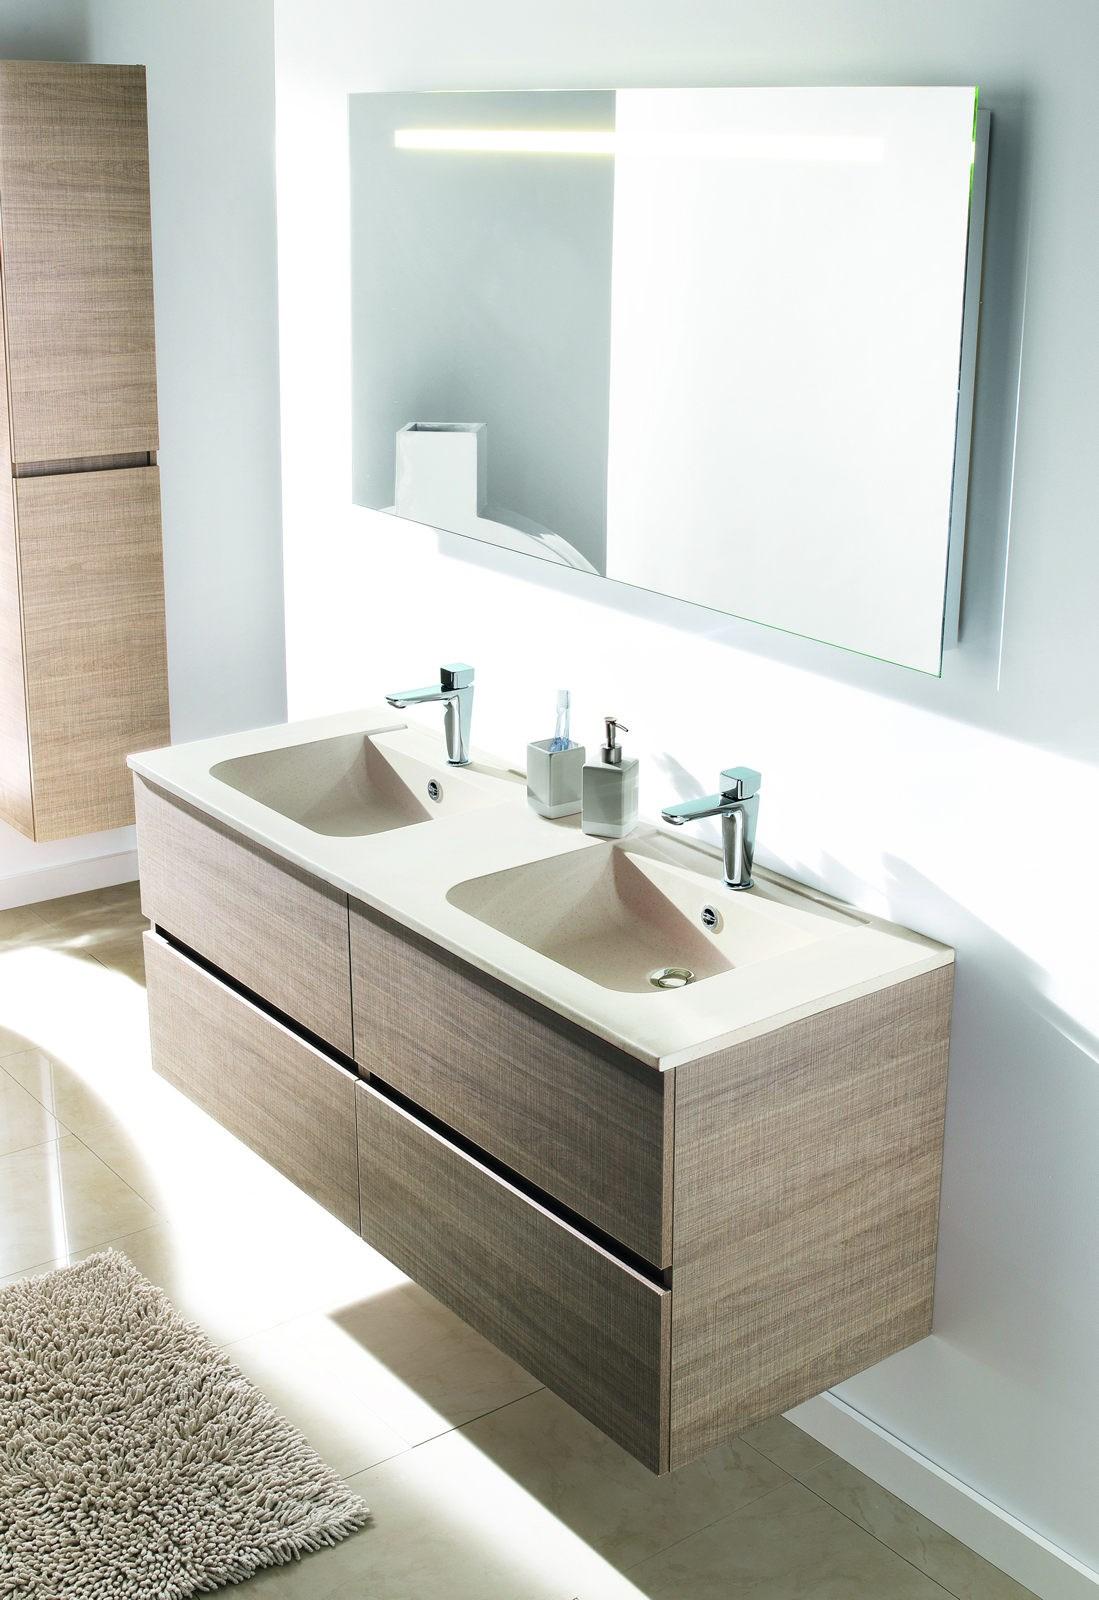 Marque Bianco Salle De Bain ~ sanitaire distribution miroir tritoo maison et jardin